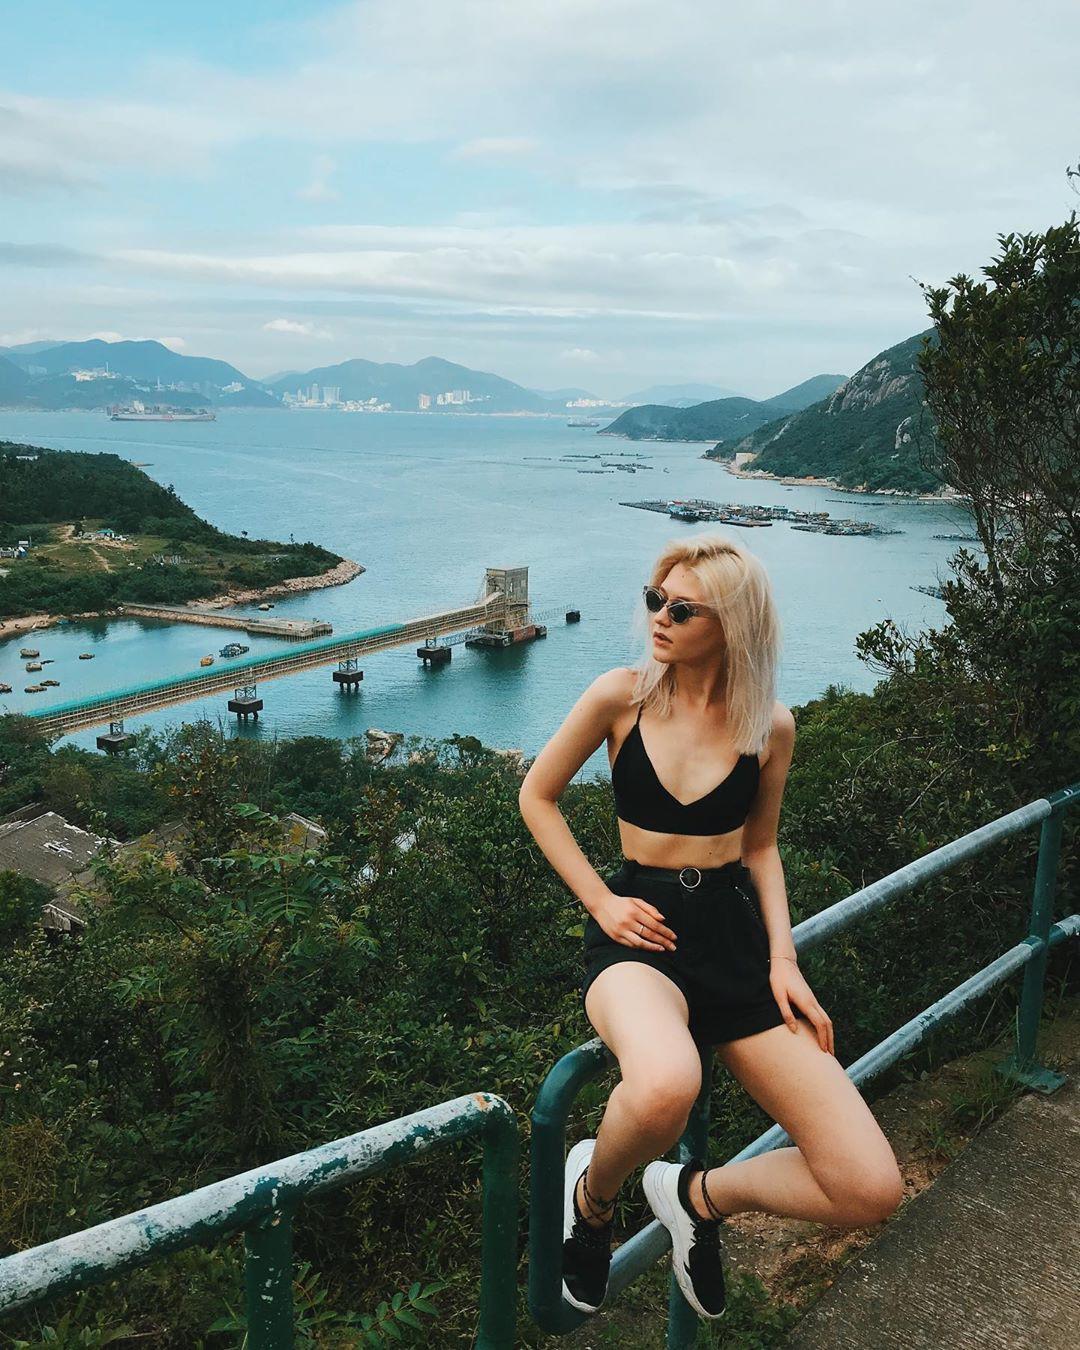 Bỏ túi ngay 8 điểm 'sống ảo' nổi tiếng ở Hong Kong, vị trí thứ 2 hot đến nỗi còn lọt vào top được check-in nhiều nhất trên Instagram! - Ảnh 33.